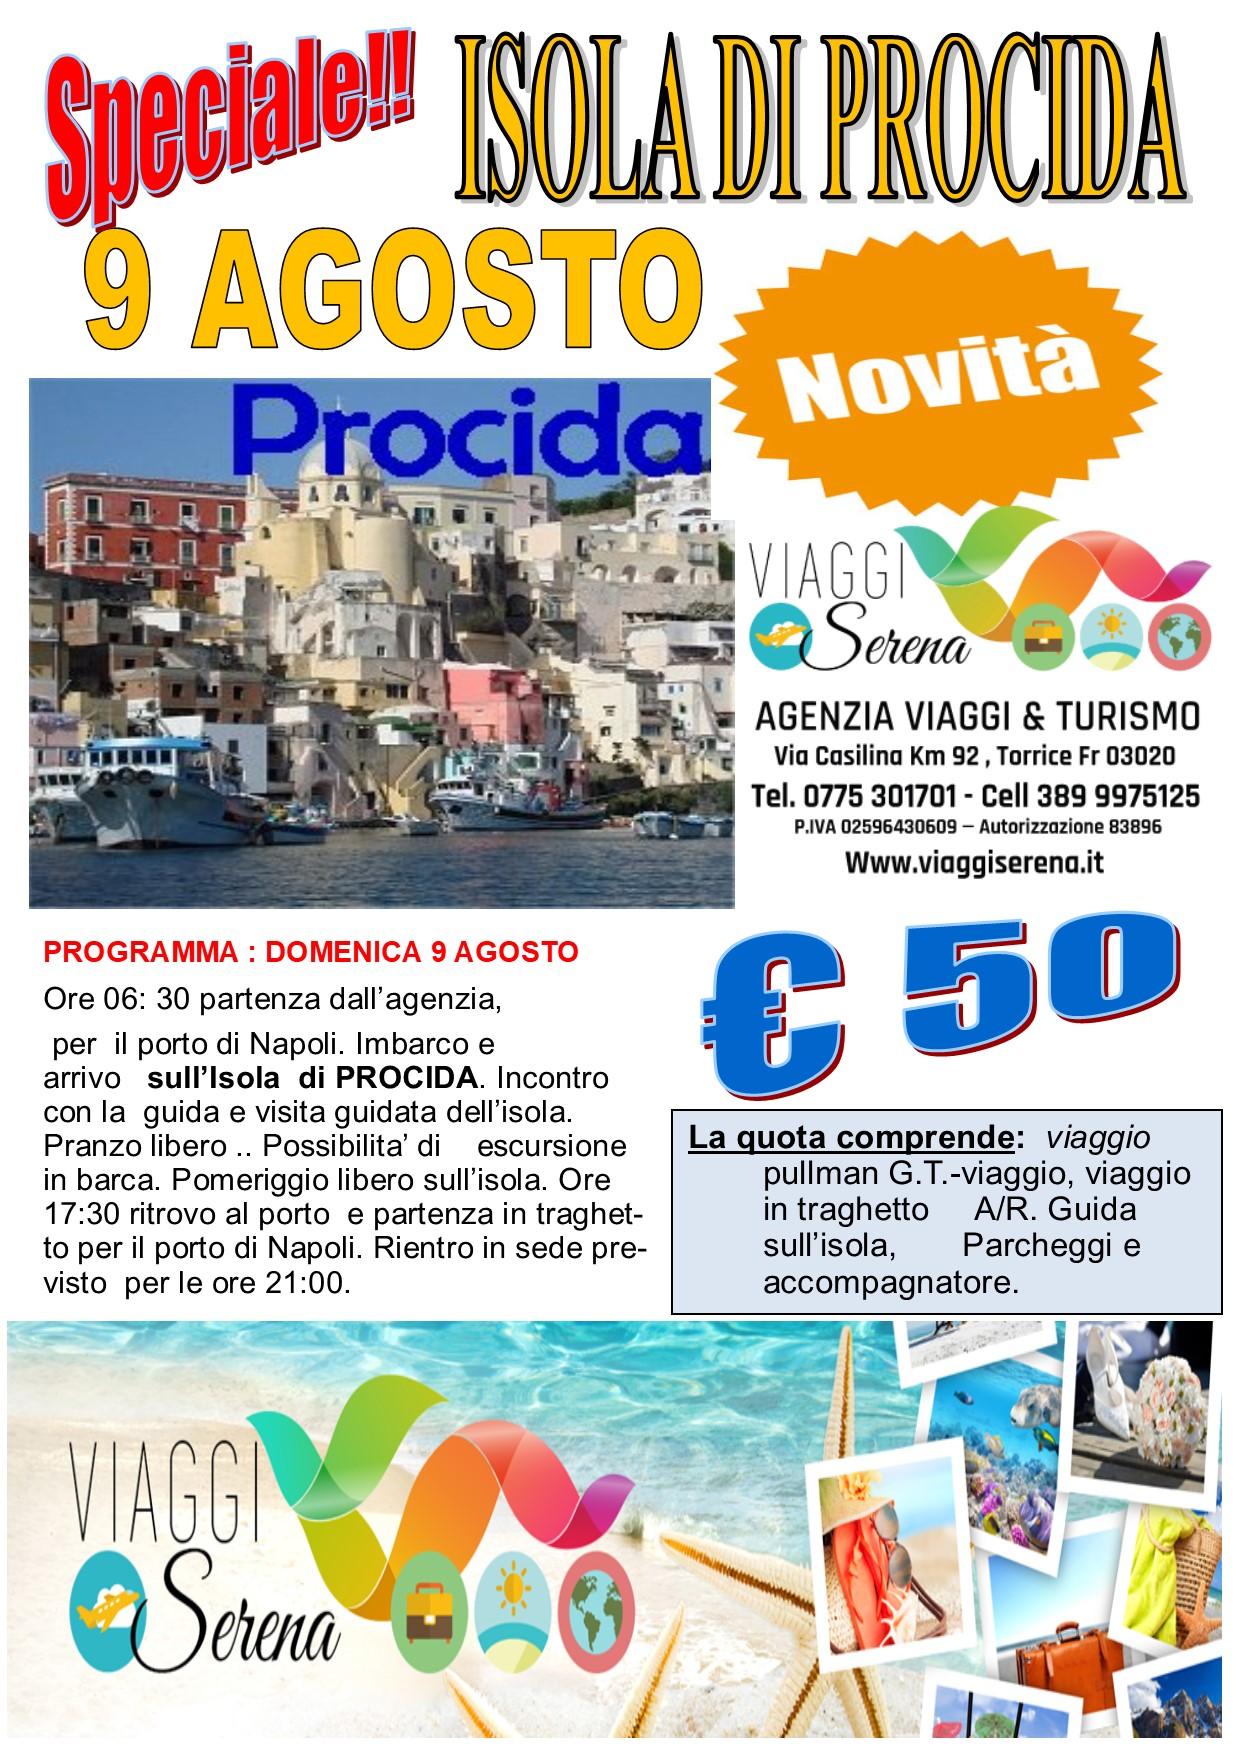 Viaggi di Gruppo: Isola di PROCIDA 9 Agosto € 50,00